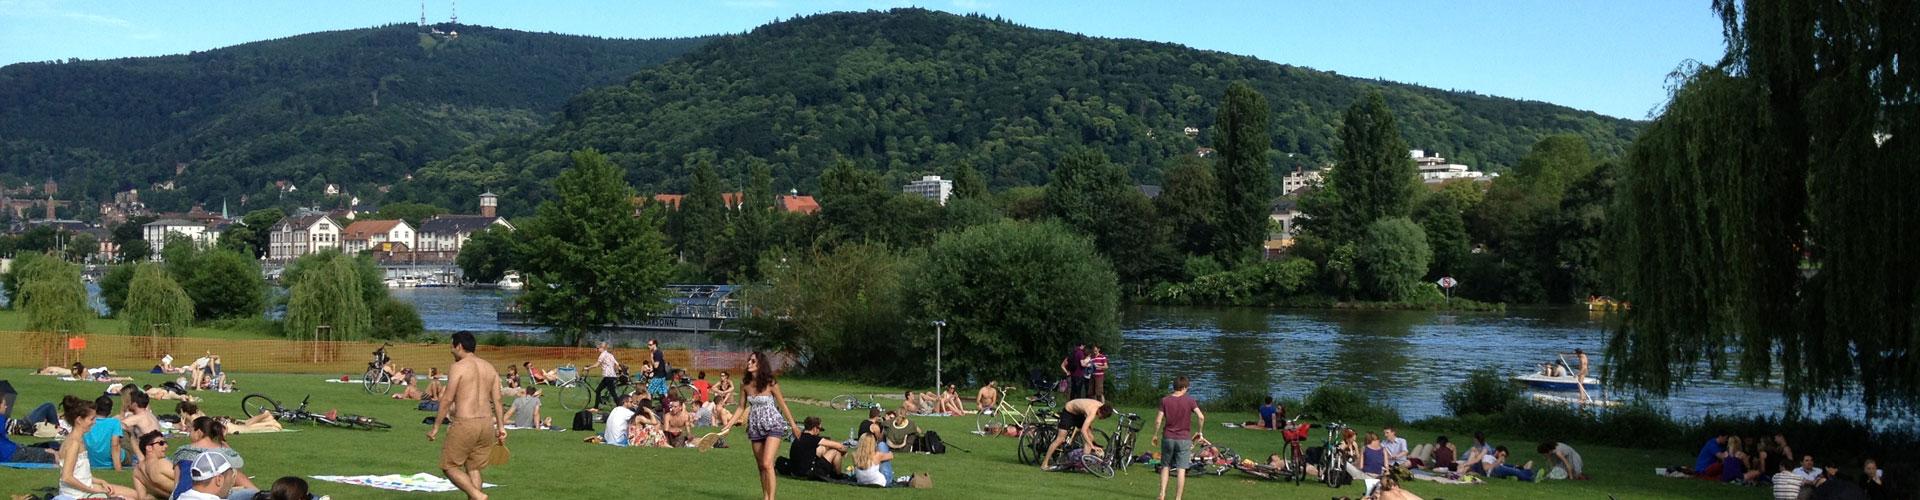 German park along river